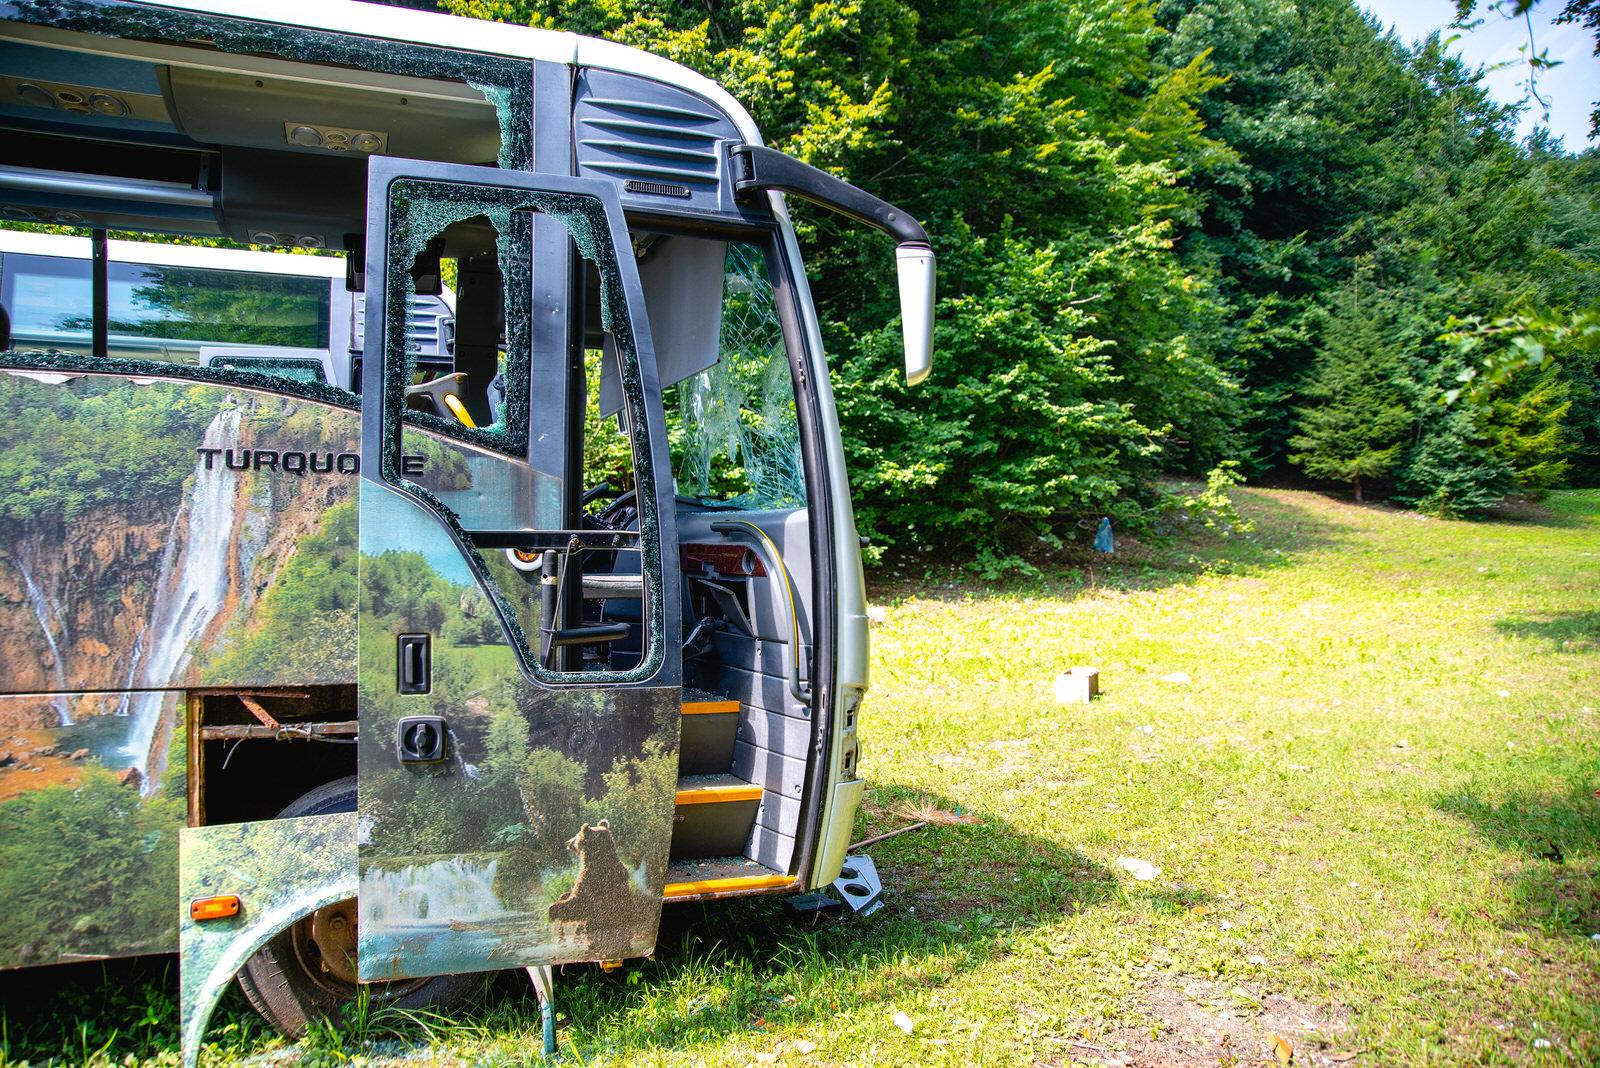 likaclub_autobusi plitvička jezera u mukinjama_11_8_2020 (9)